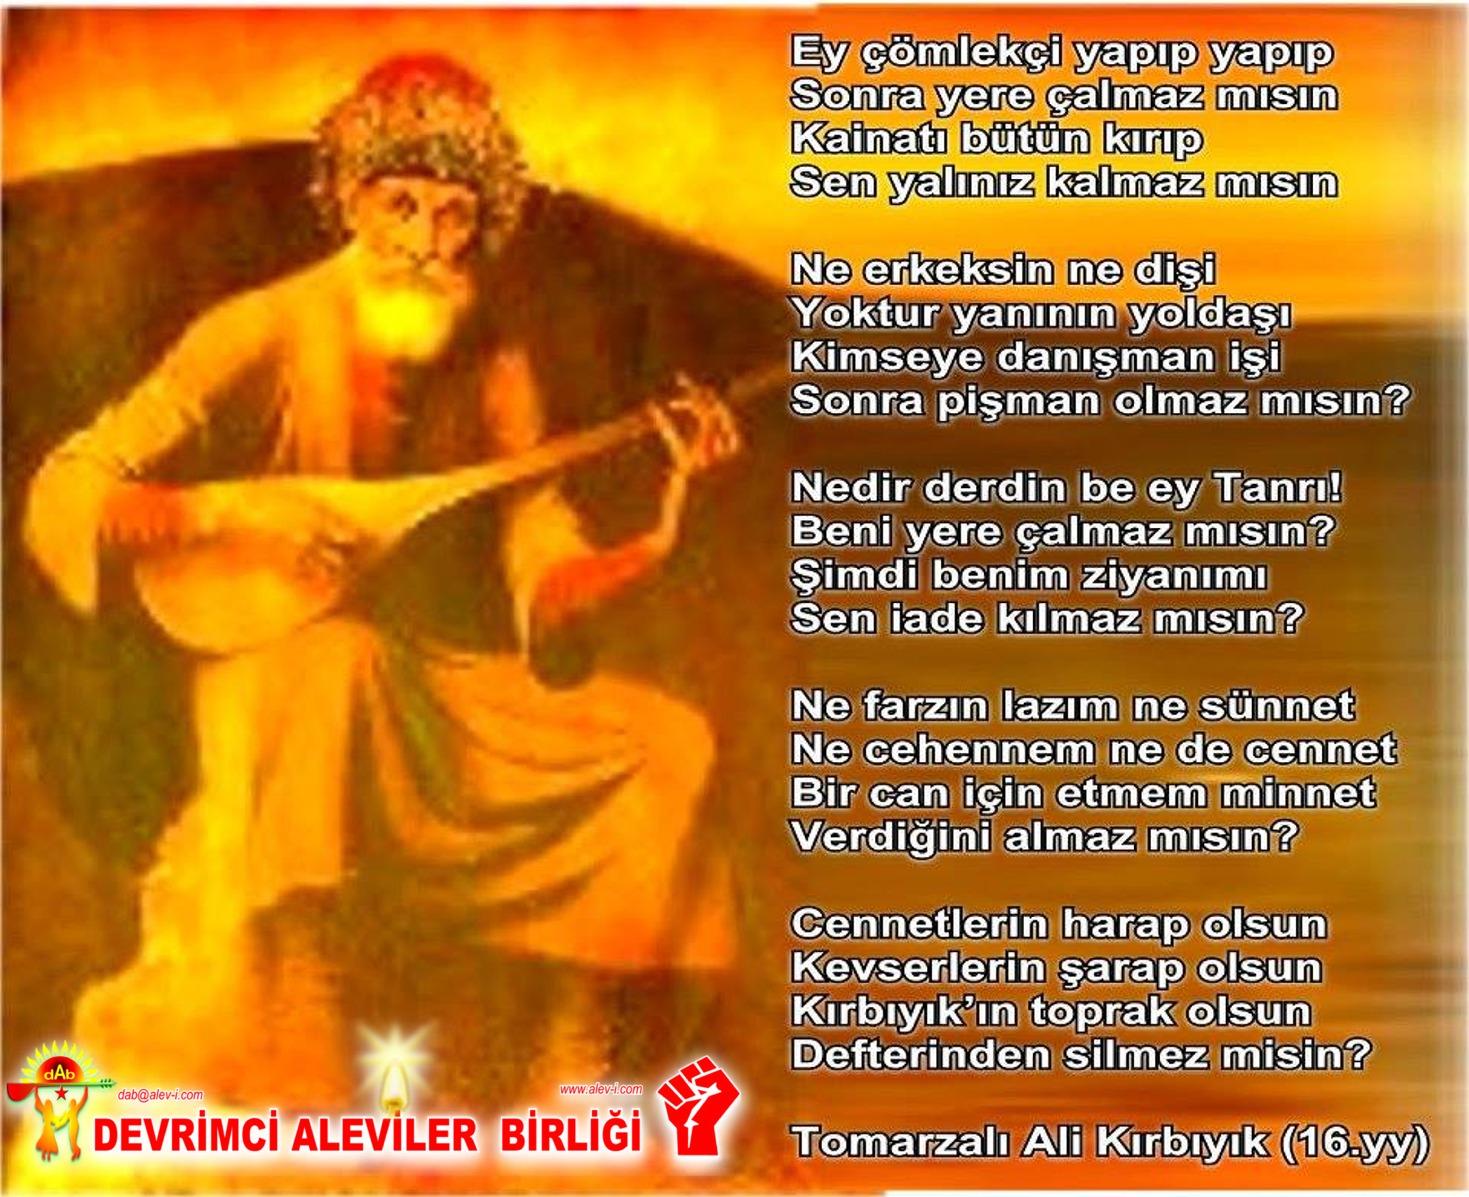 Alevi Bektaşi Kızılbaş Pir Sultan Devrimci Aleviler Birliği DAB islam dıı alevilik